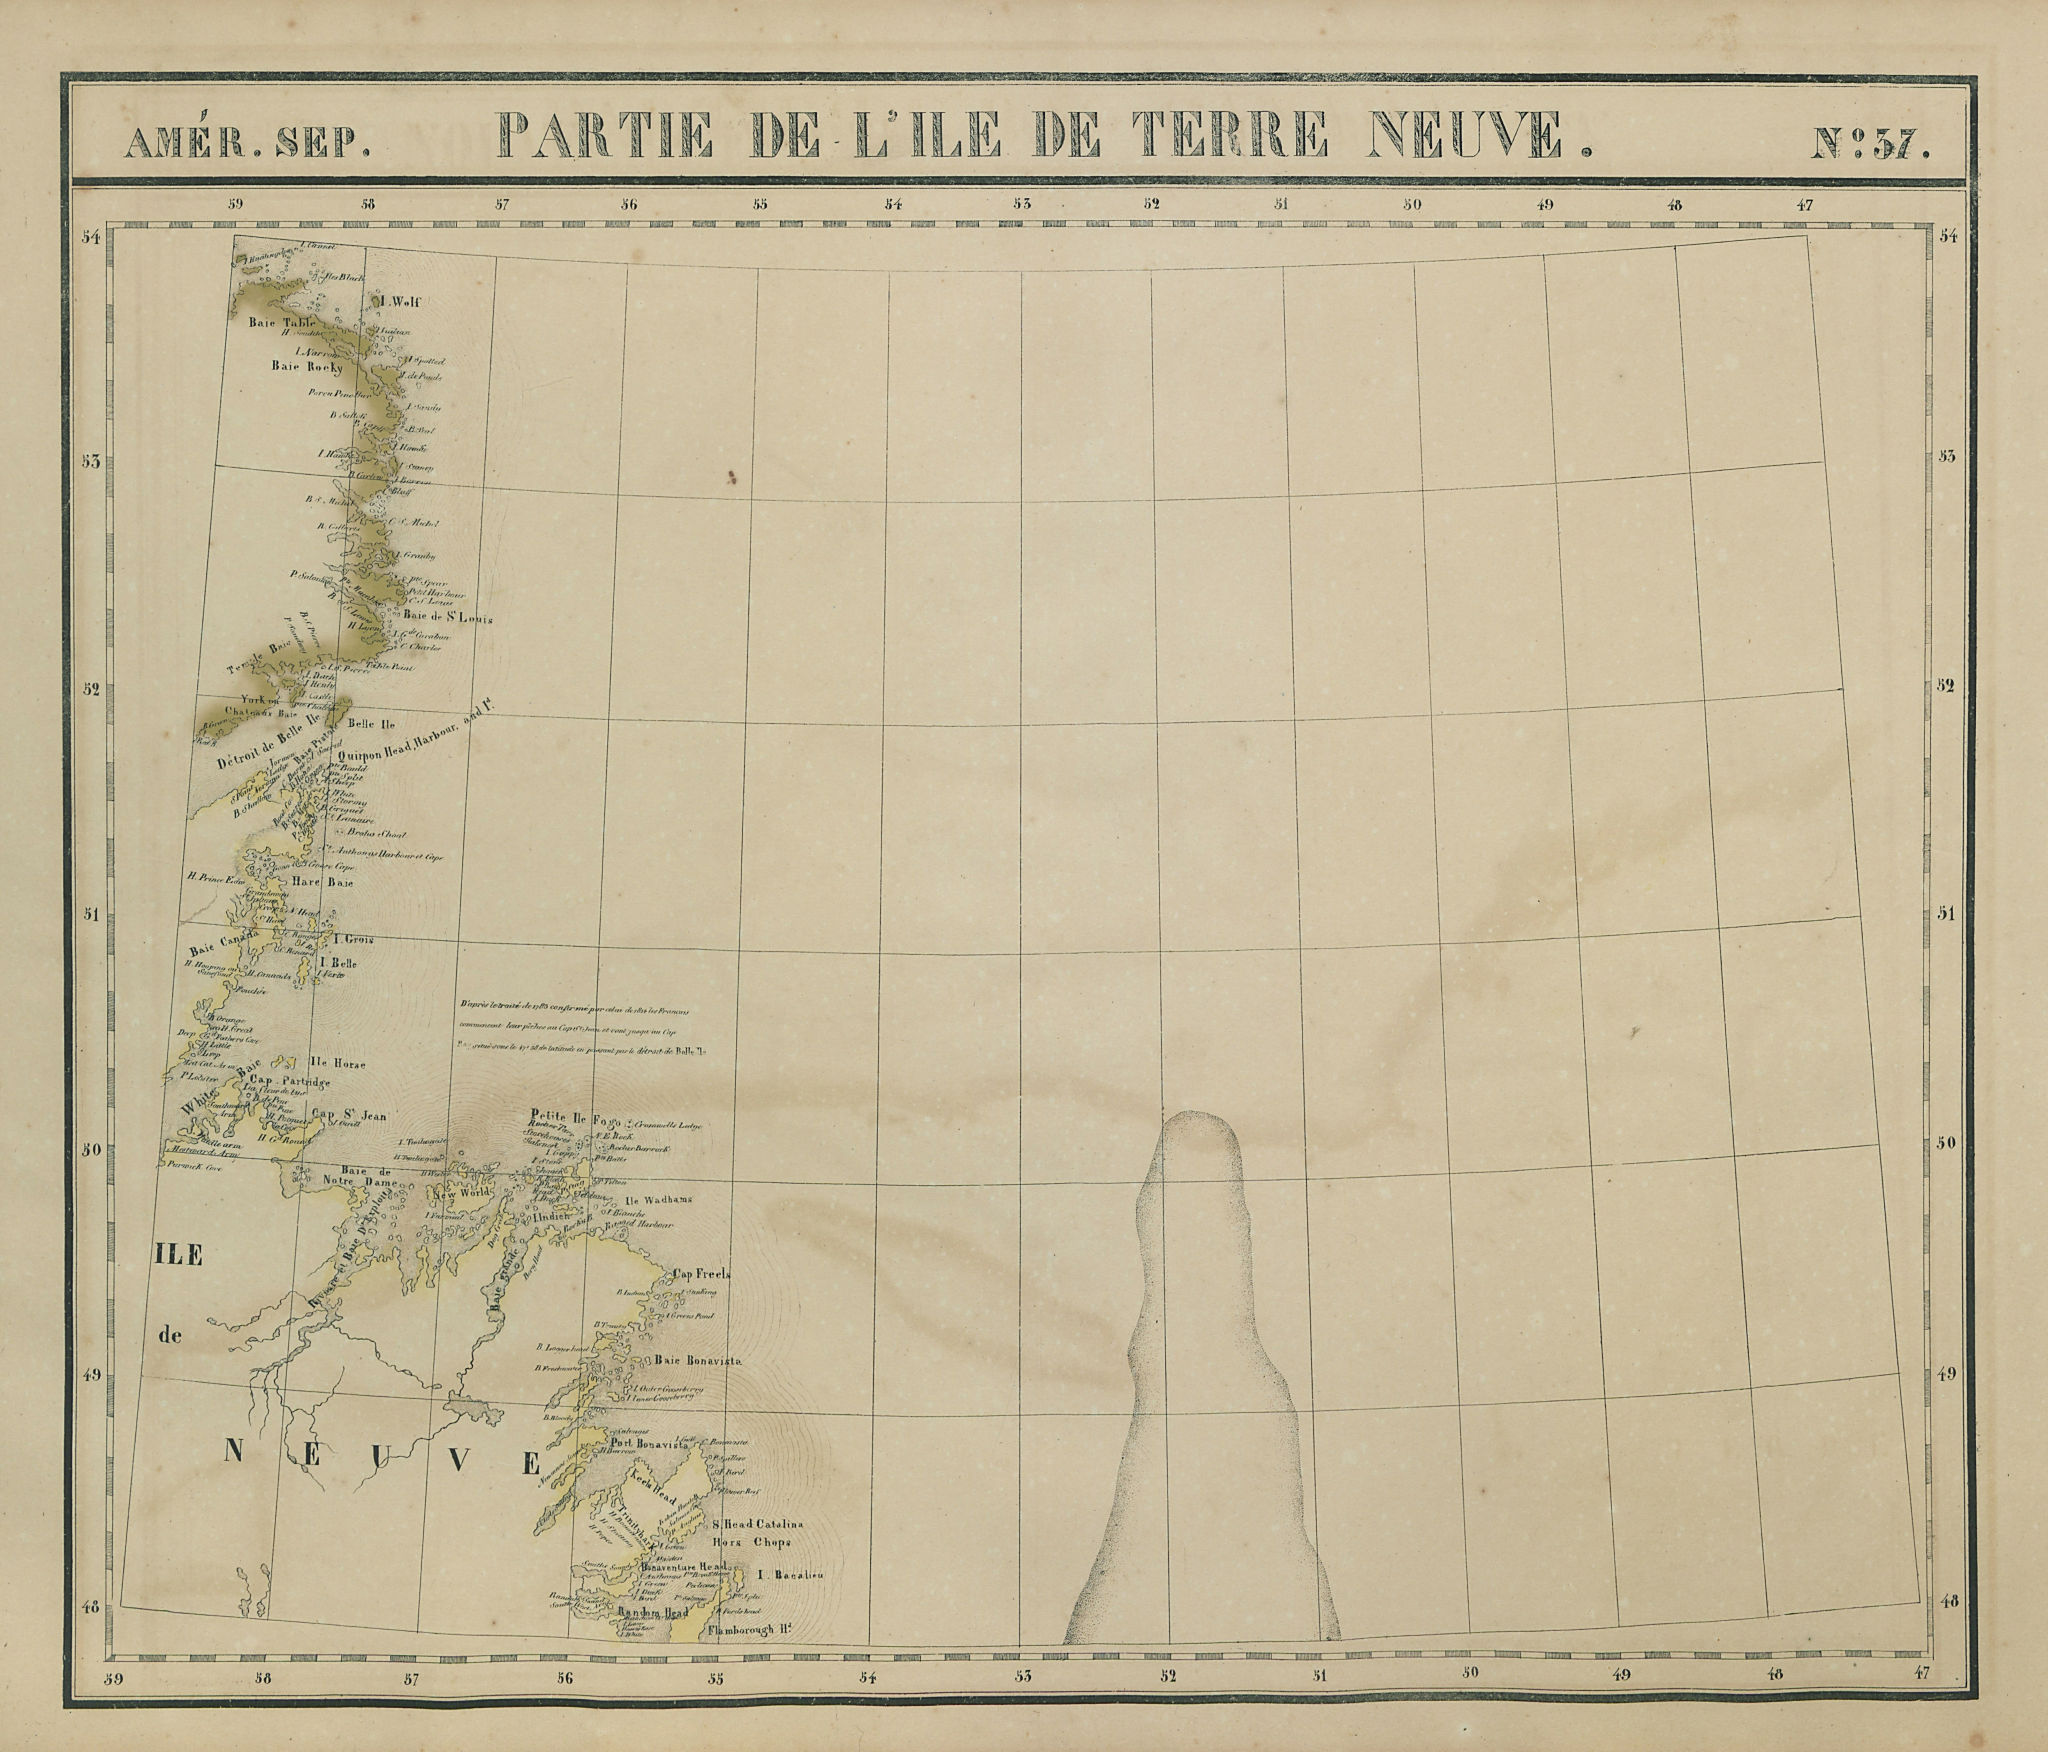 Amér. Sep. Partie de l'ile de Terre Neuve #37 Newfoundland VANDERMAELEN 1827 map